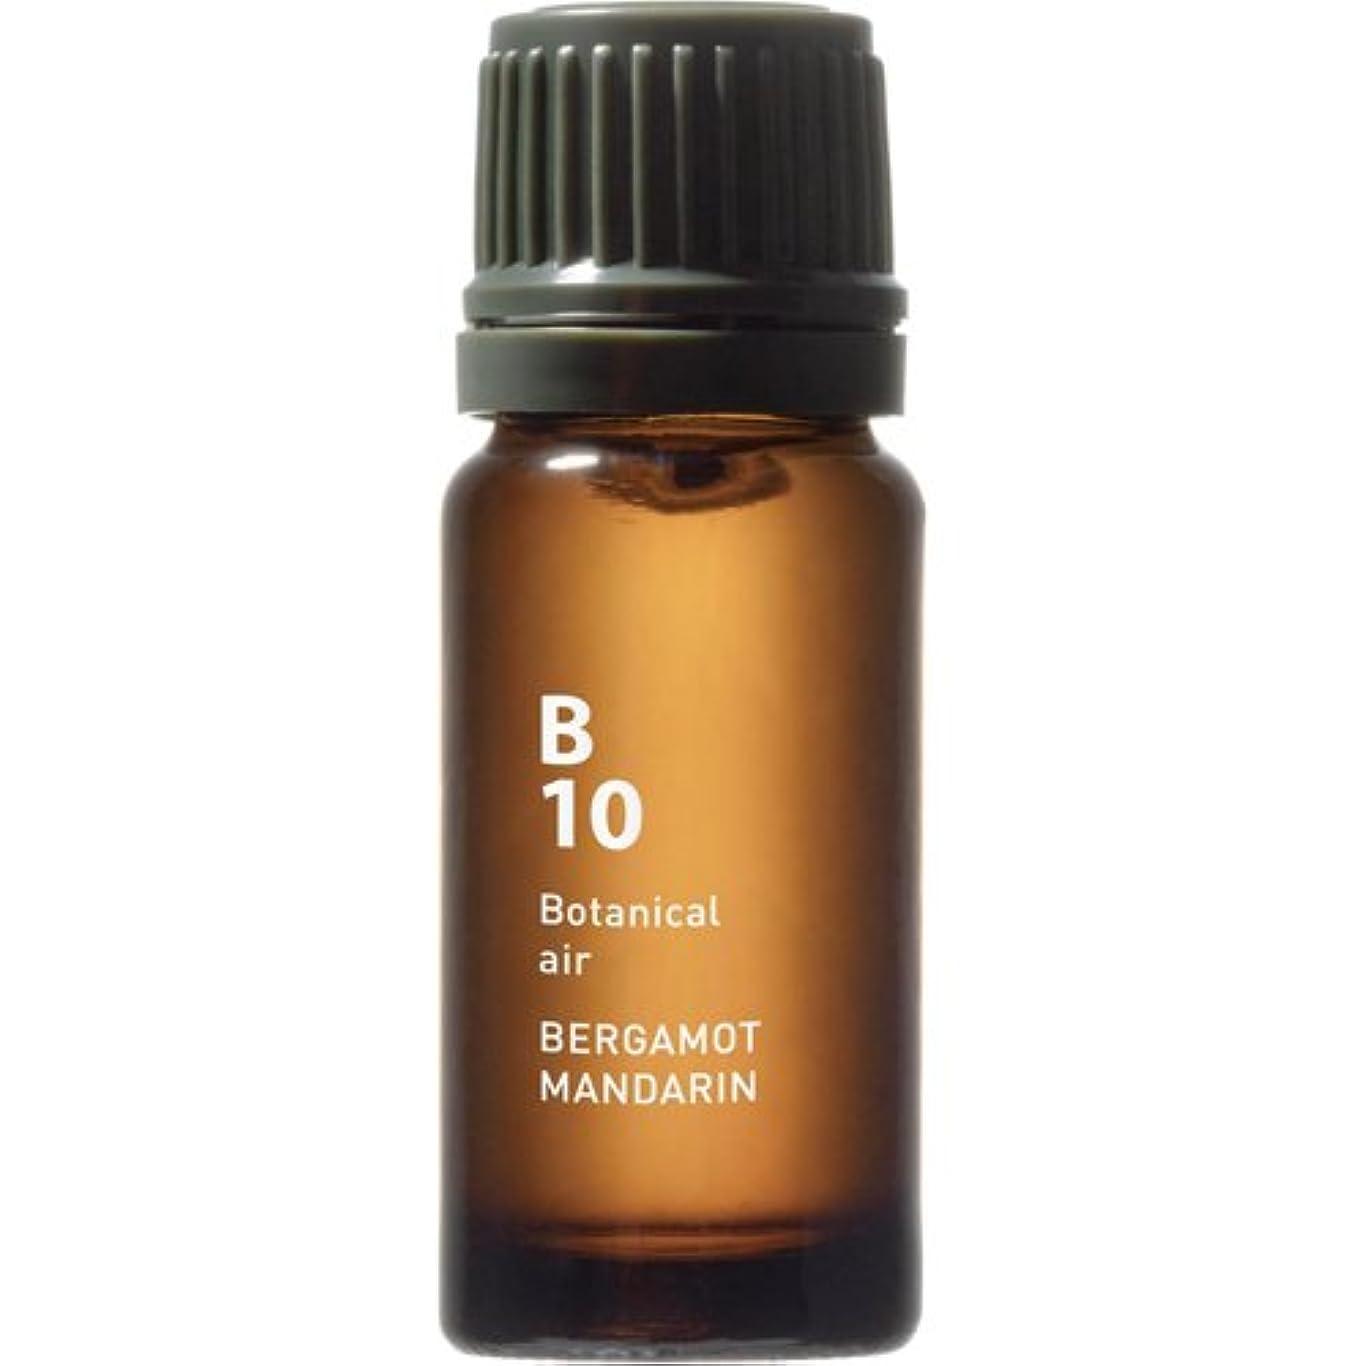 恥ずかしい虫葉B10 ベルガモットマンダリン Botanical air(ボタニカルエアー) 10ml